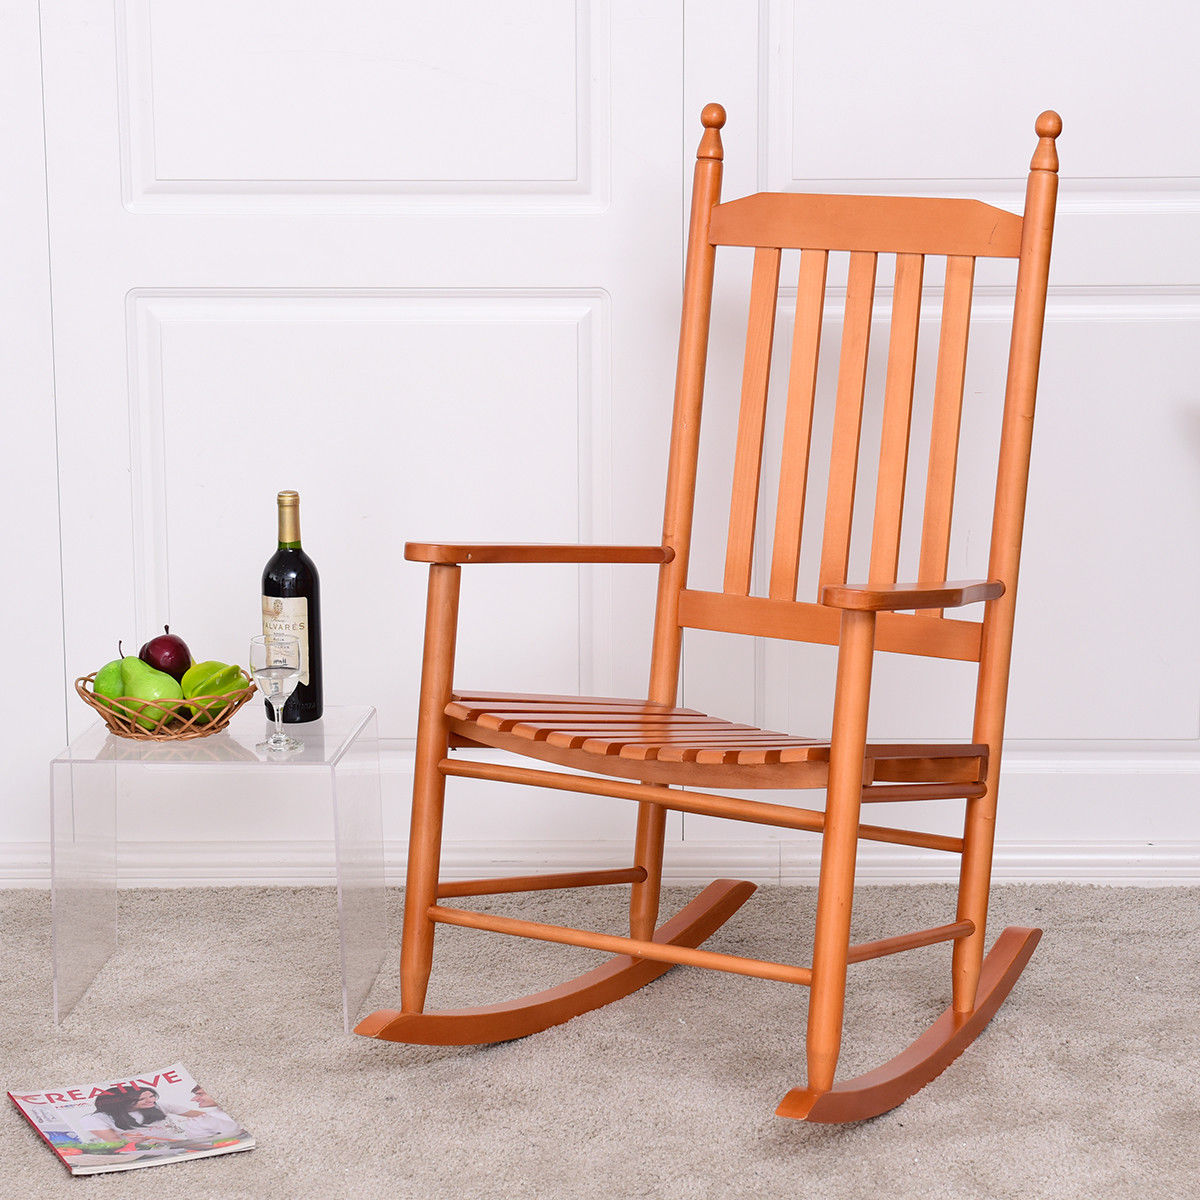 Us 7999 Giantex Drewniane Fotel Bujany Ganek Rocker Fotel Balkon Taras Meble Ogrodowe Nowoczesny Orzech Krzesło Ogrodowe Hw56354wa Na